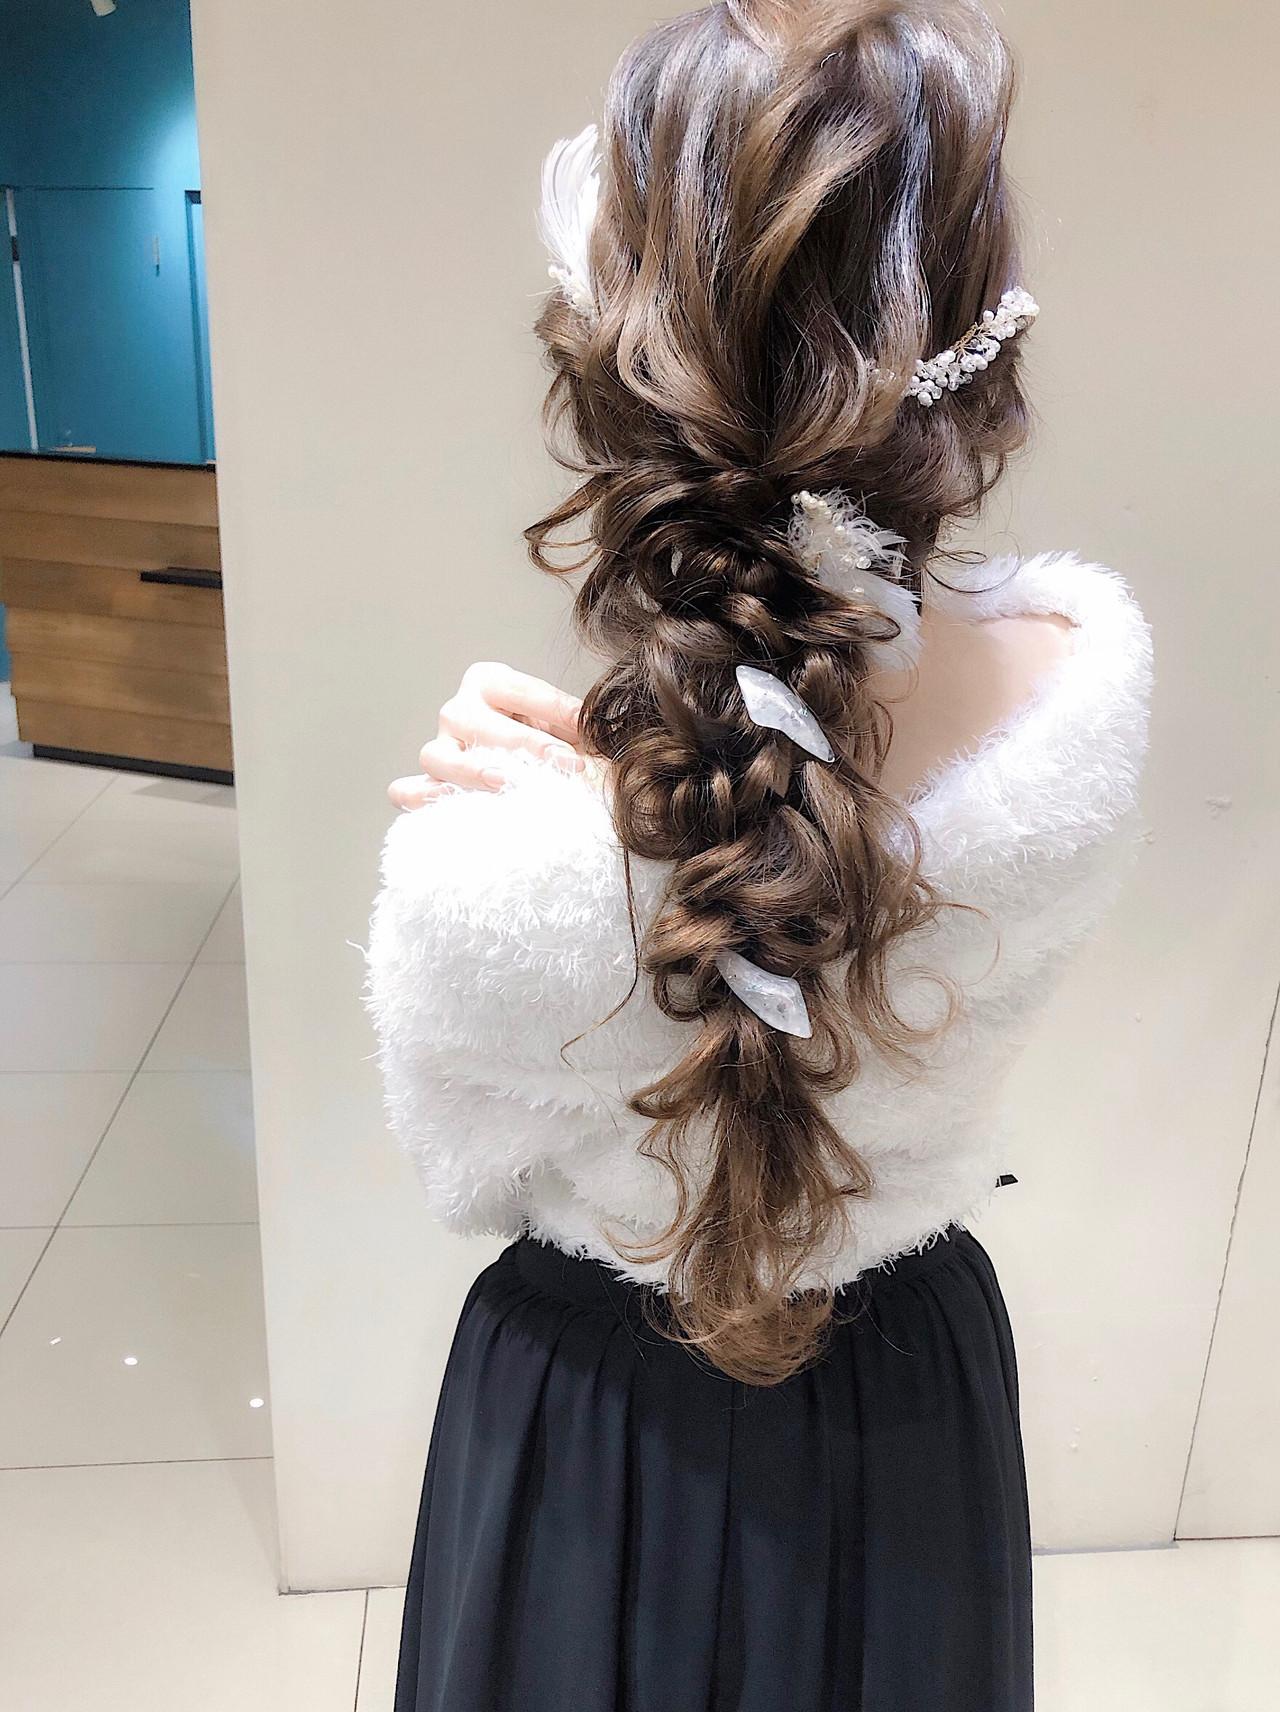 ヘアアレンジ 大人かわいい デート 結婚式 ヘアスタイルや髪型の写真・画像 | 平川 元気 / MAPUNA